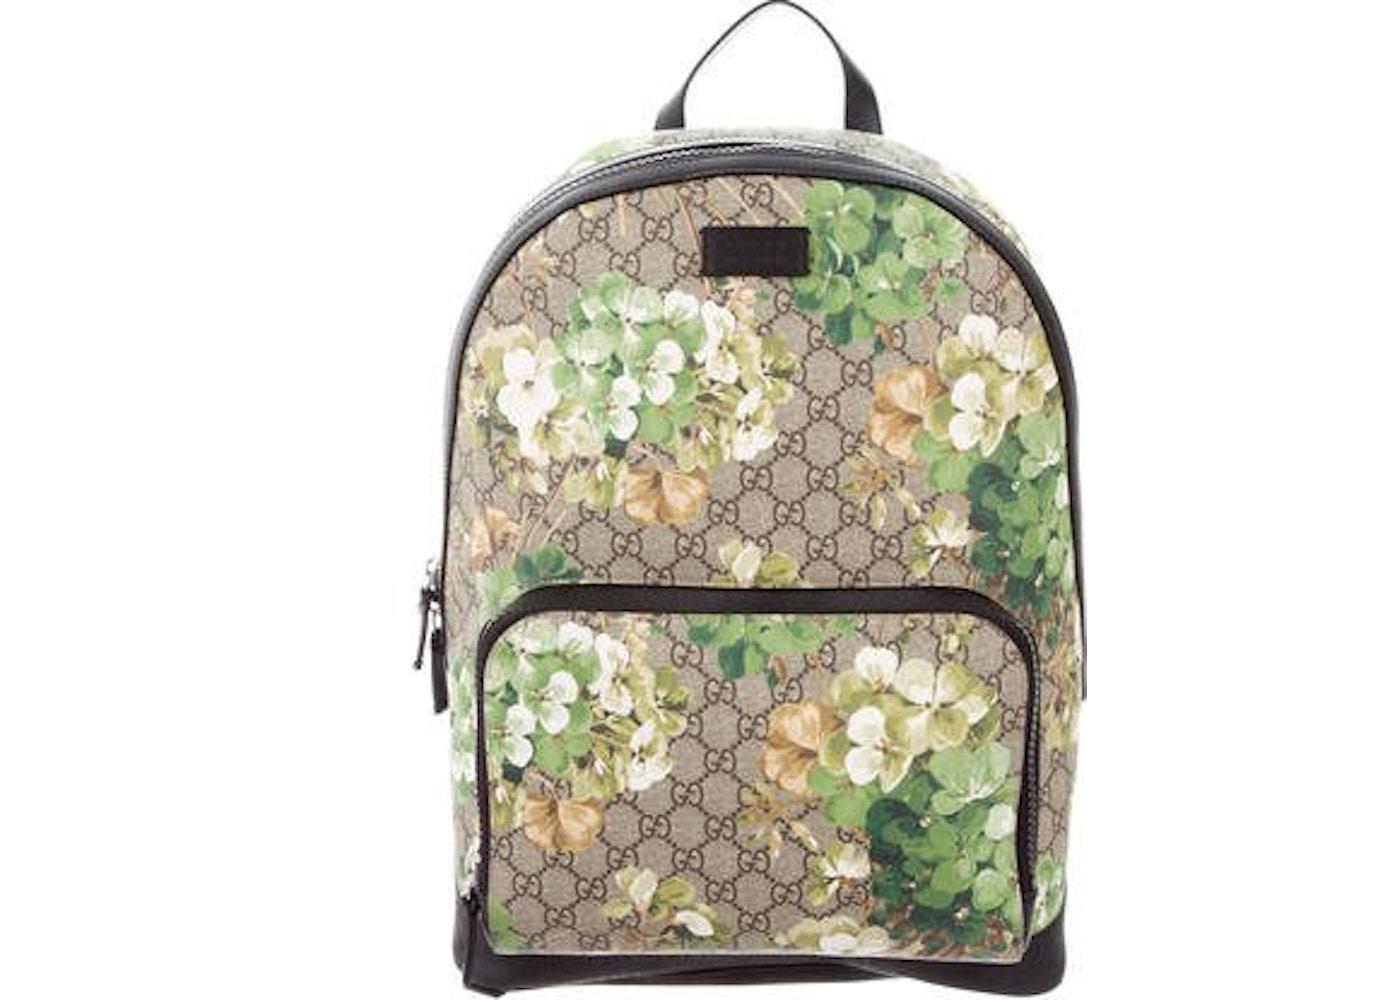 08efc67ed93e Gucci GG Supreme Backpack GG Supreme Floral Print Beige/Ebony ...